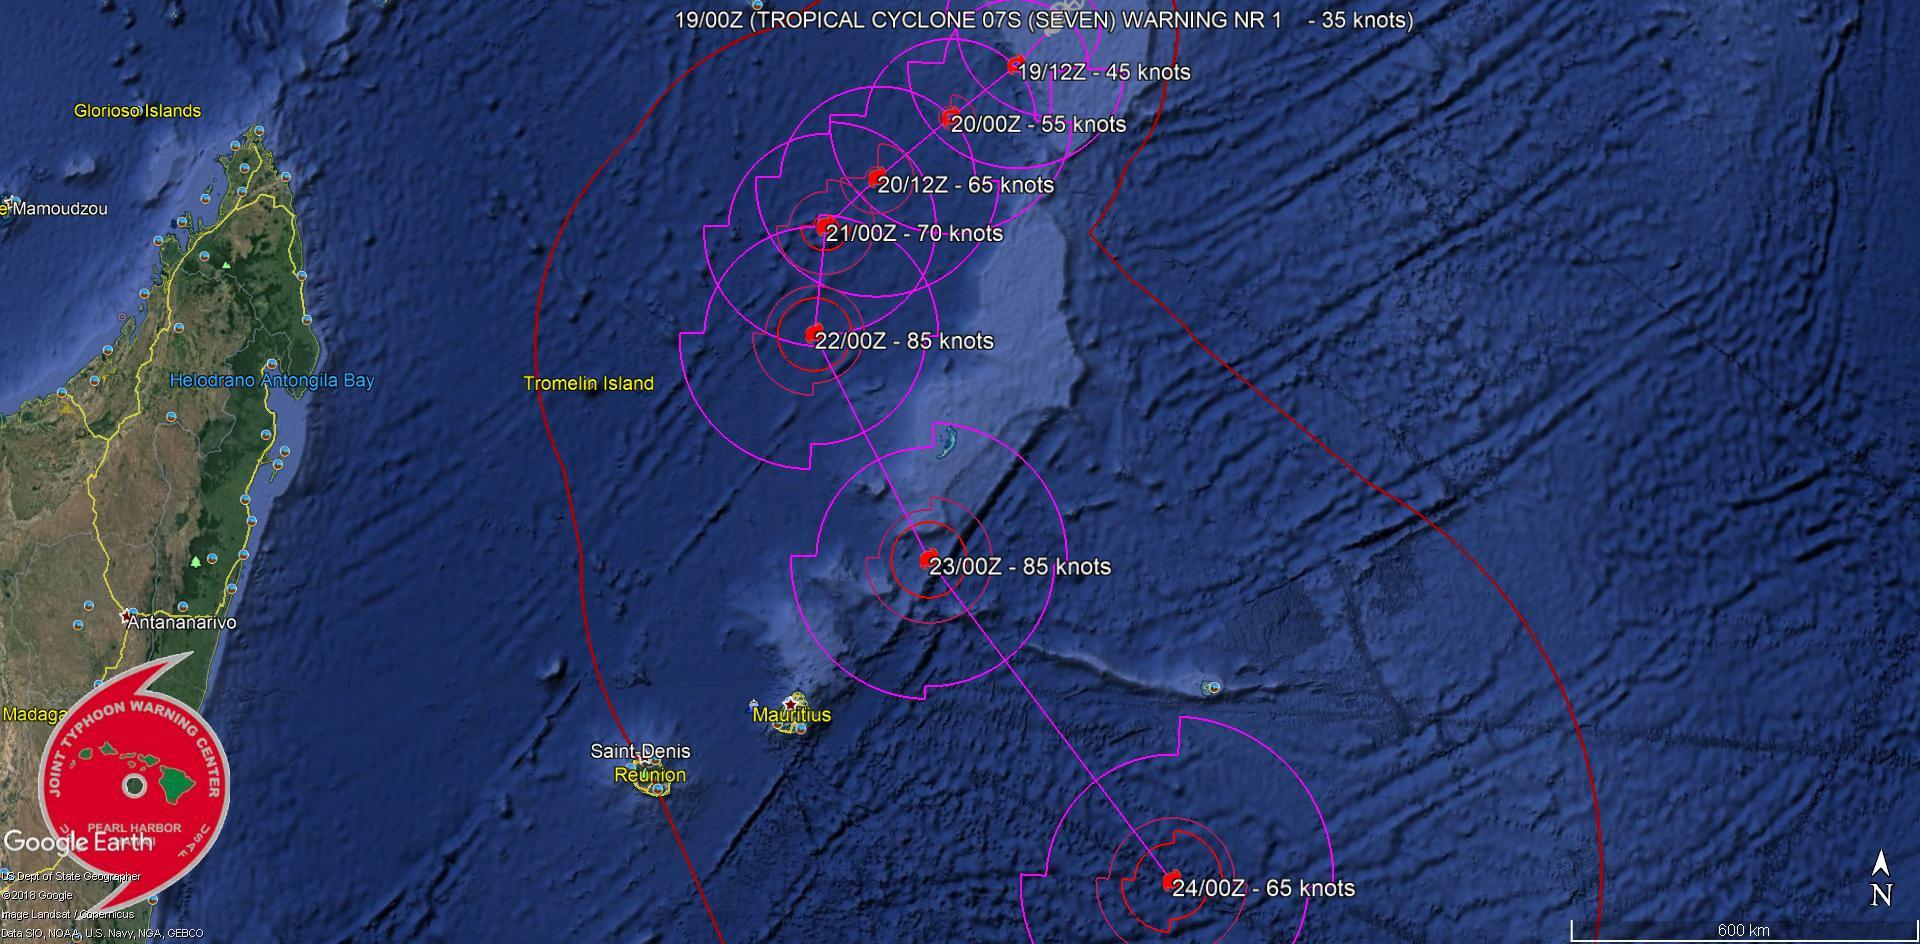 """Cliquez sur l'image. NB: """"tropical cyclone"""" en anglais est le terme scientifique qui regroupe les systèmes à l'intensité de dépression, tempête et cyclone(ouragan/typhon)."""